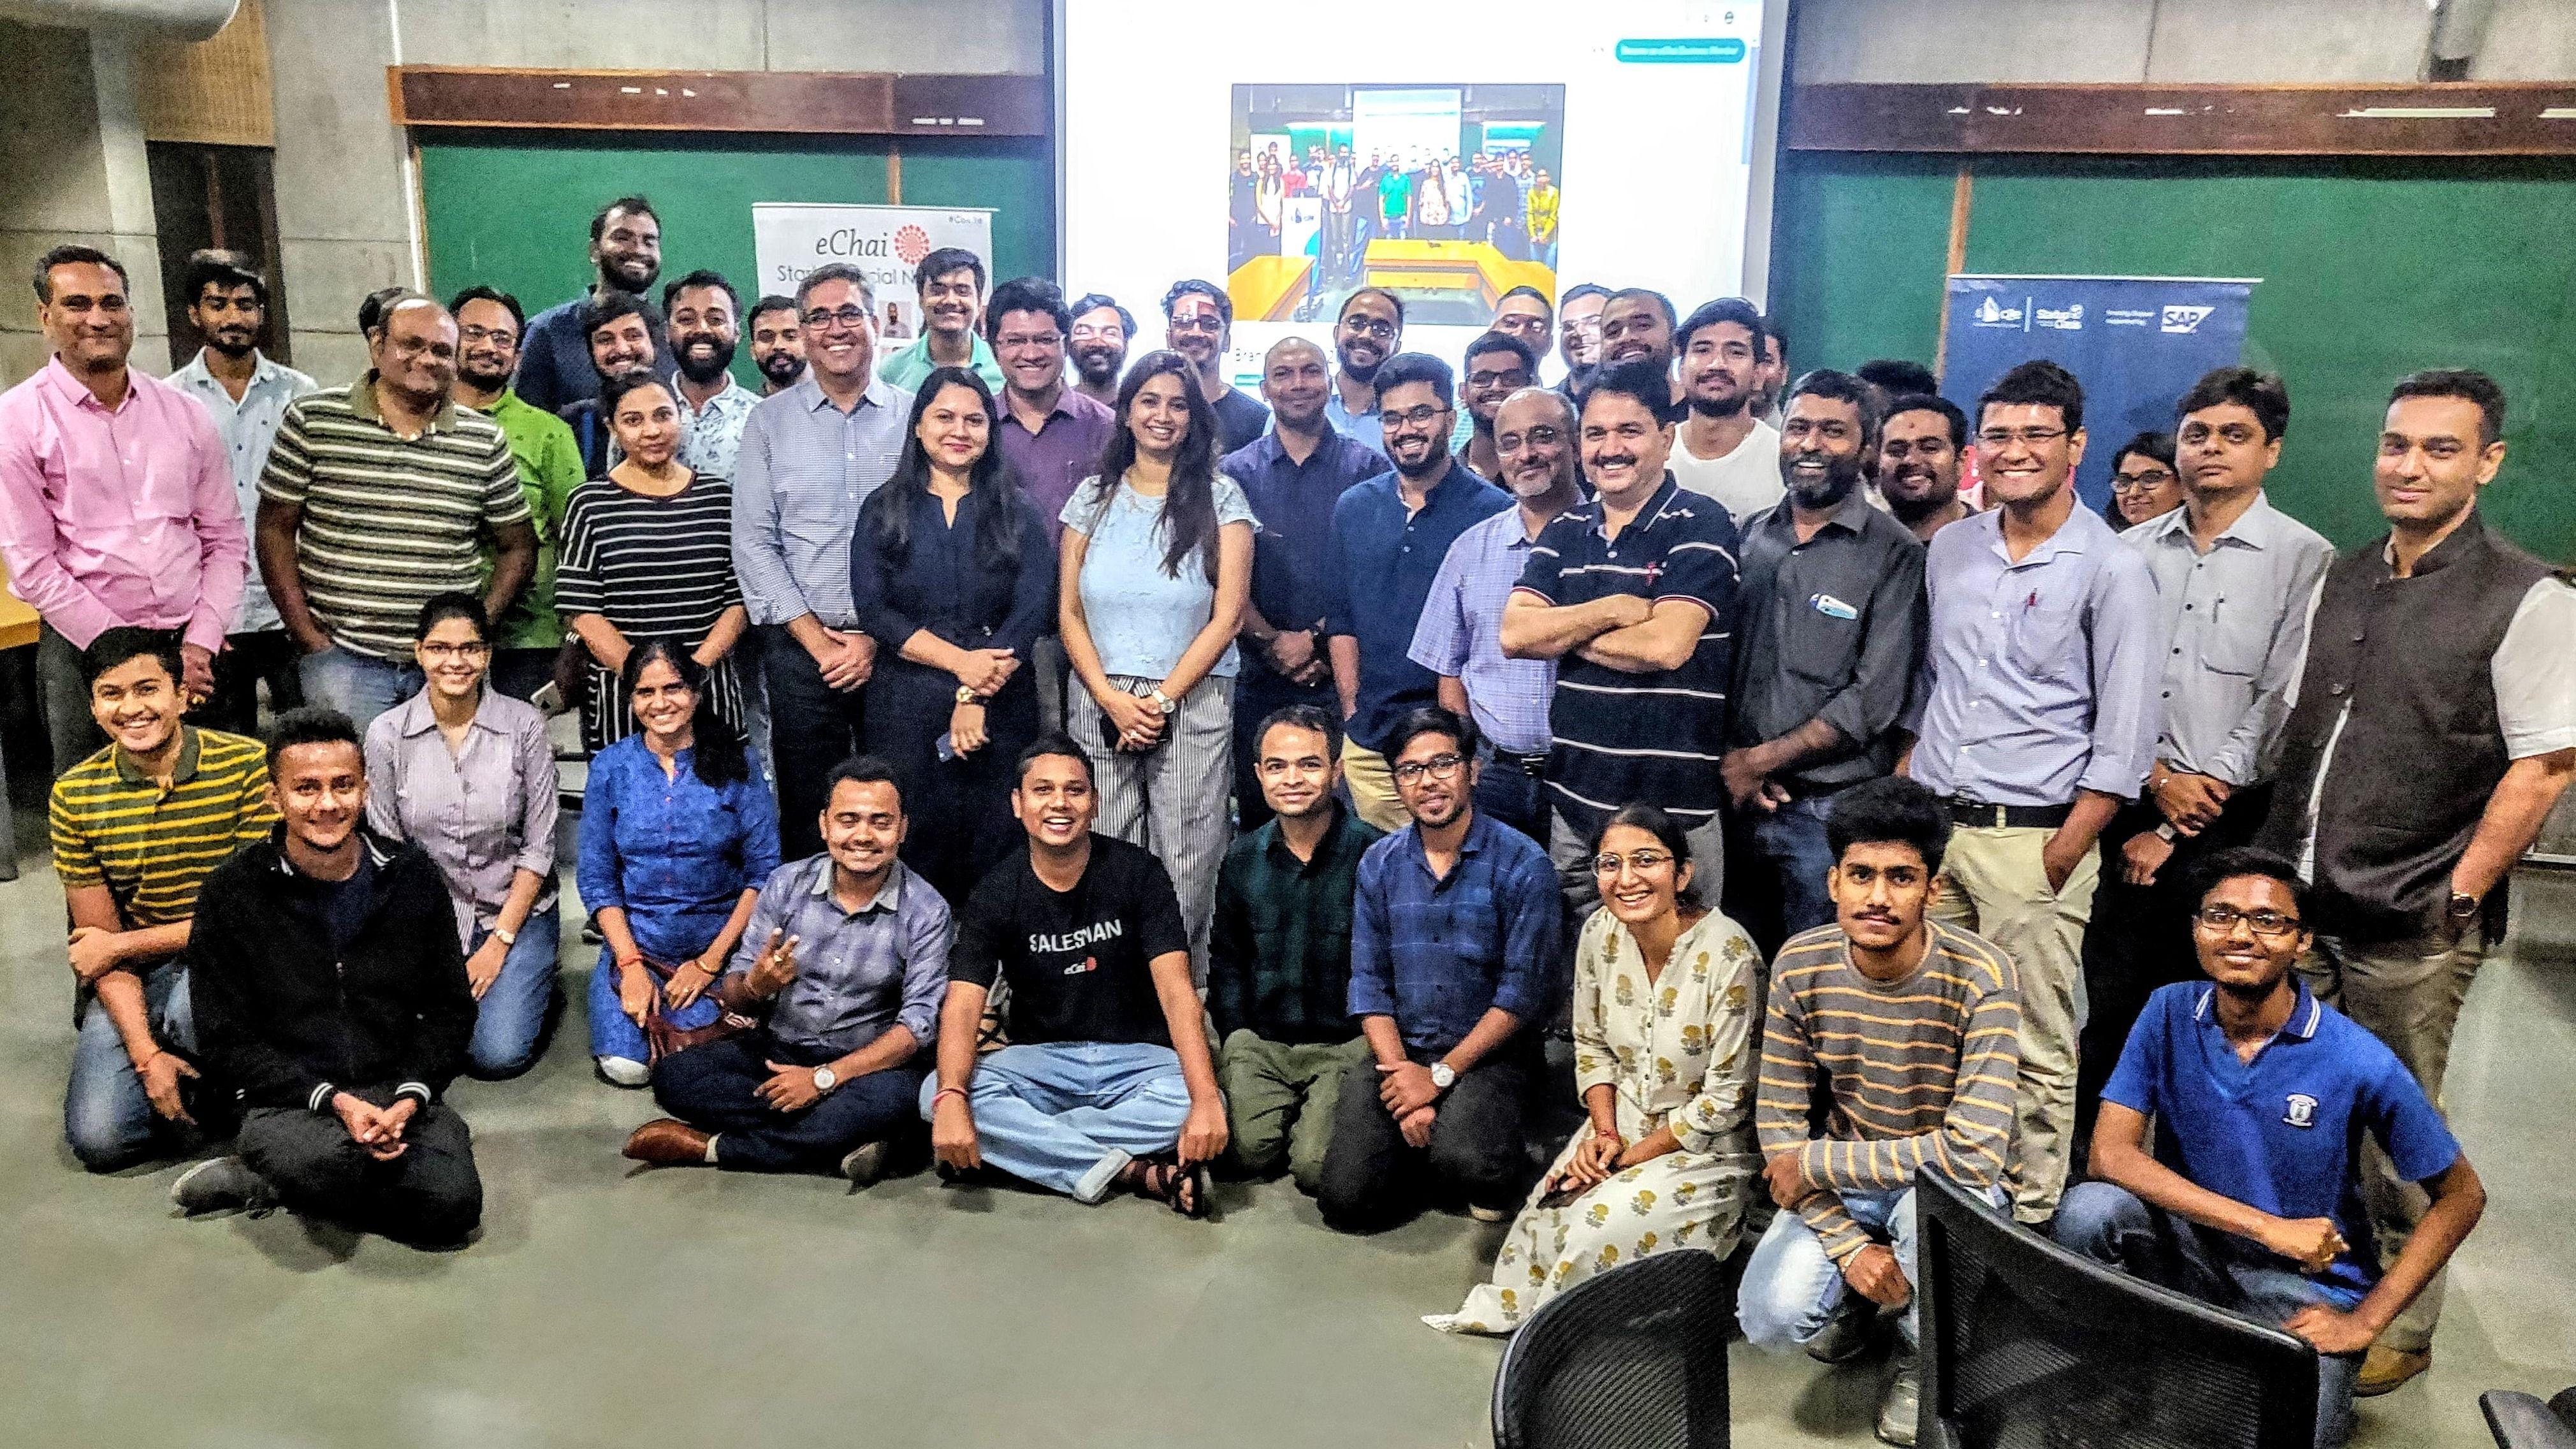 eChai Mumbai Startup Network